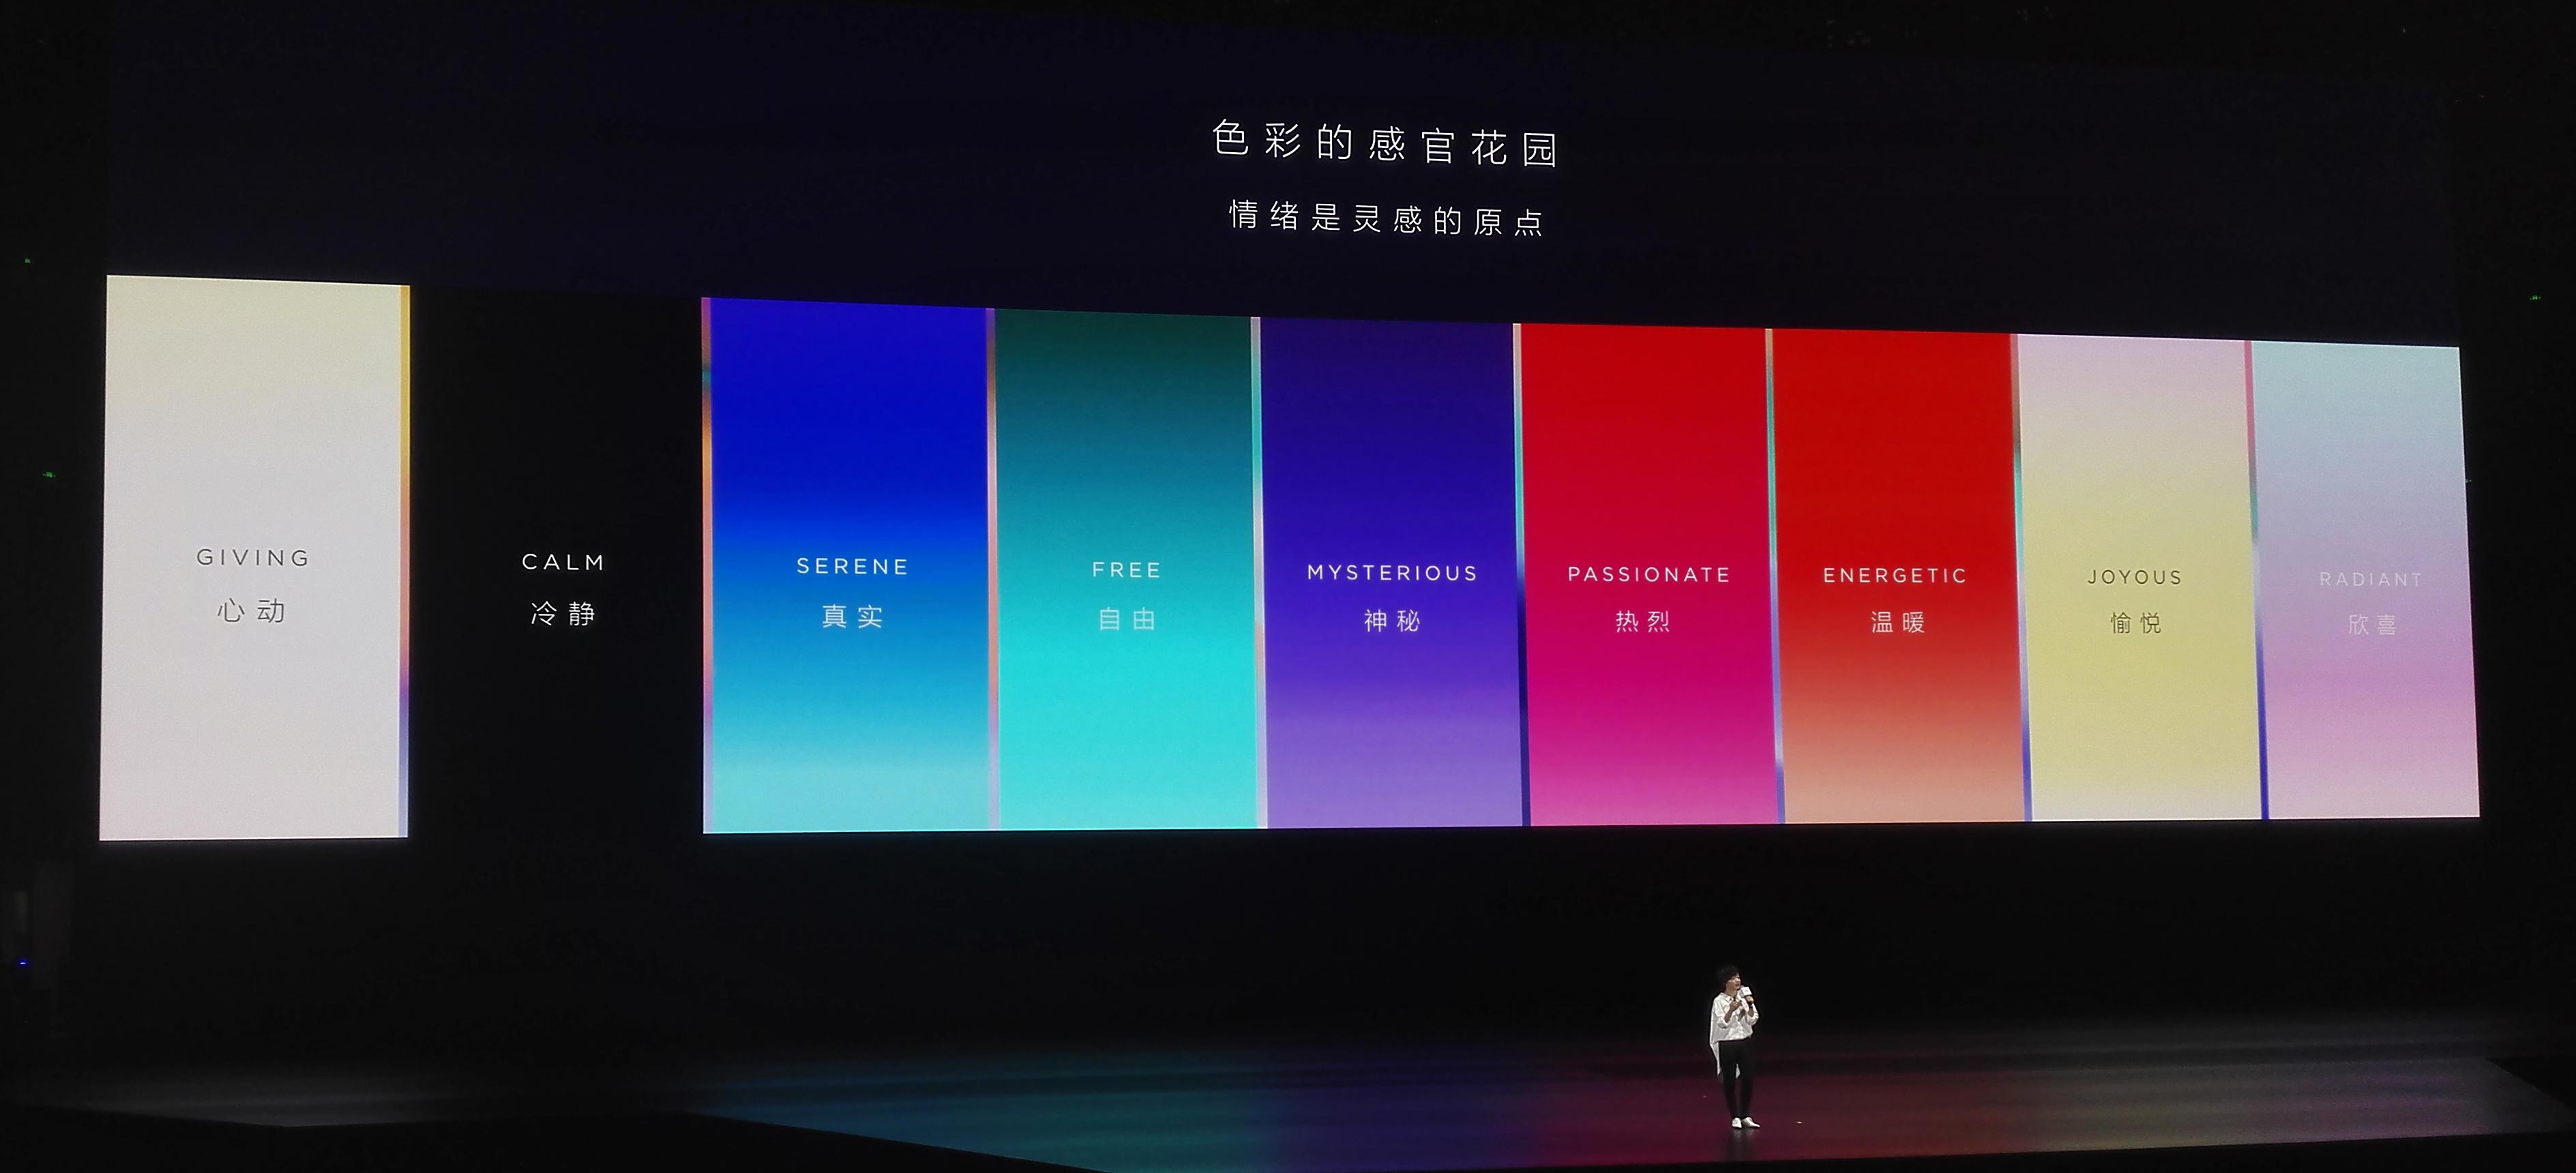 華為手機色彩美學設計中的情感元素